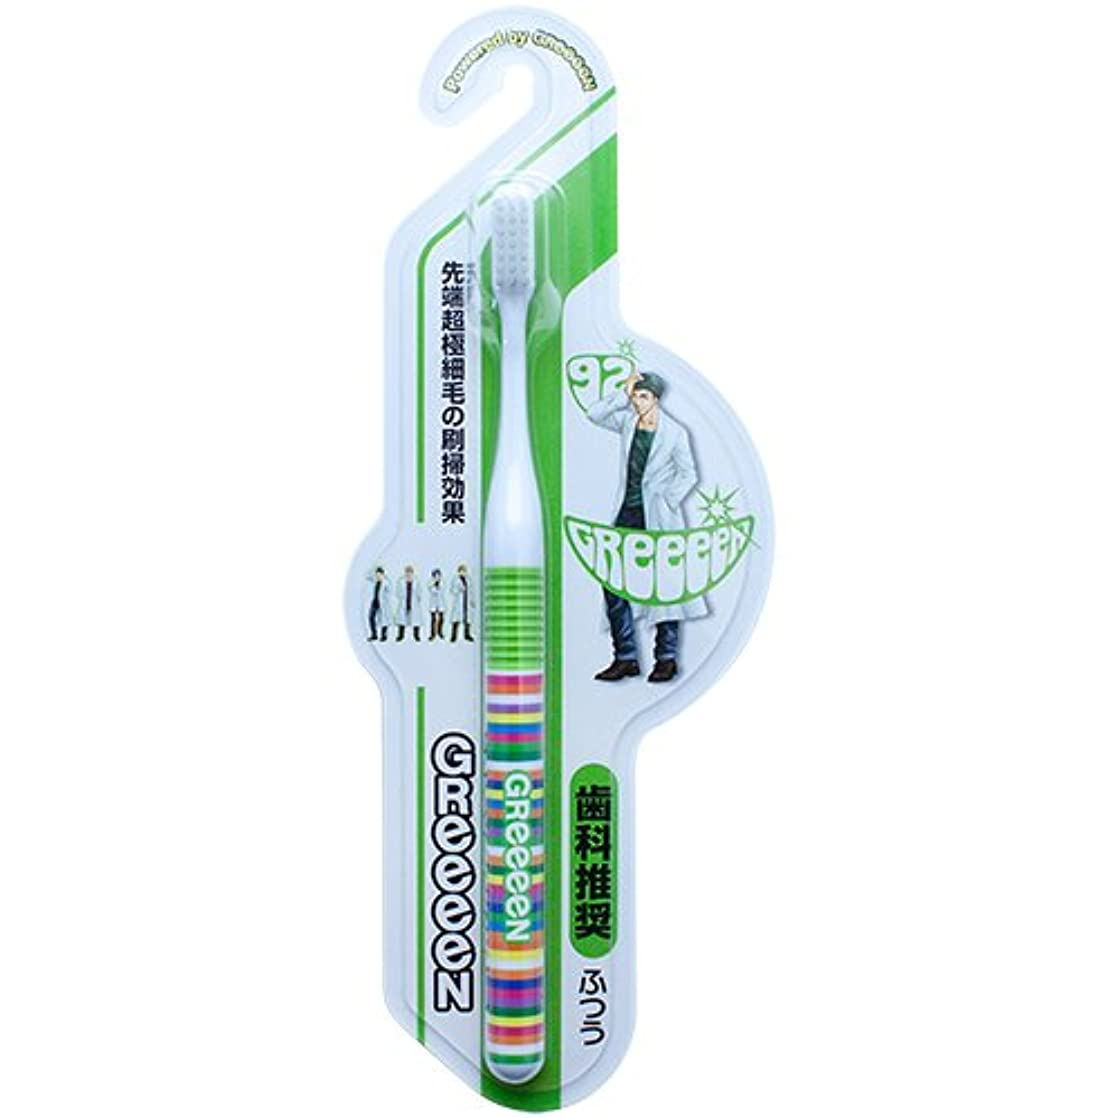 保守可能ドット勉強するGReeeeN 3列ヘッドラバーグリップ超極細毛歯ブラシ SIRO 92 1本